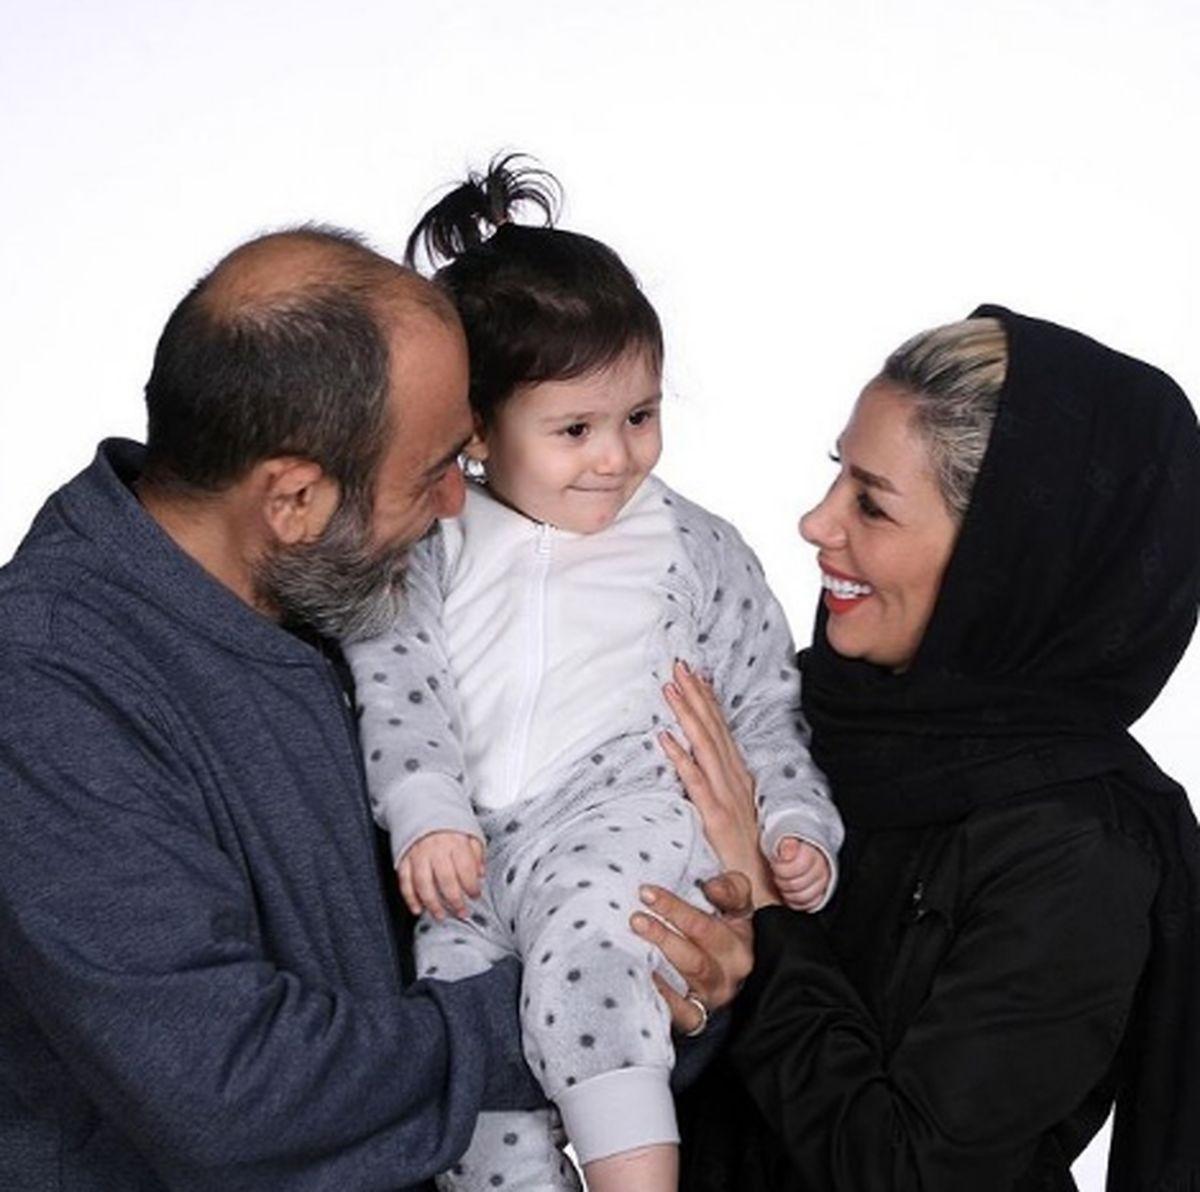 مهران غفوریان بعد از عمل در کنار دختر و همسرش + عکس